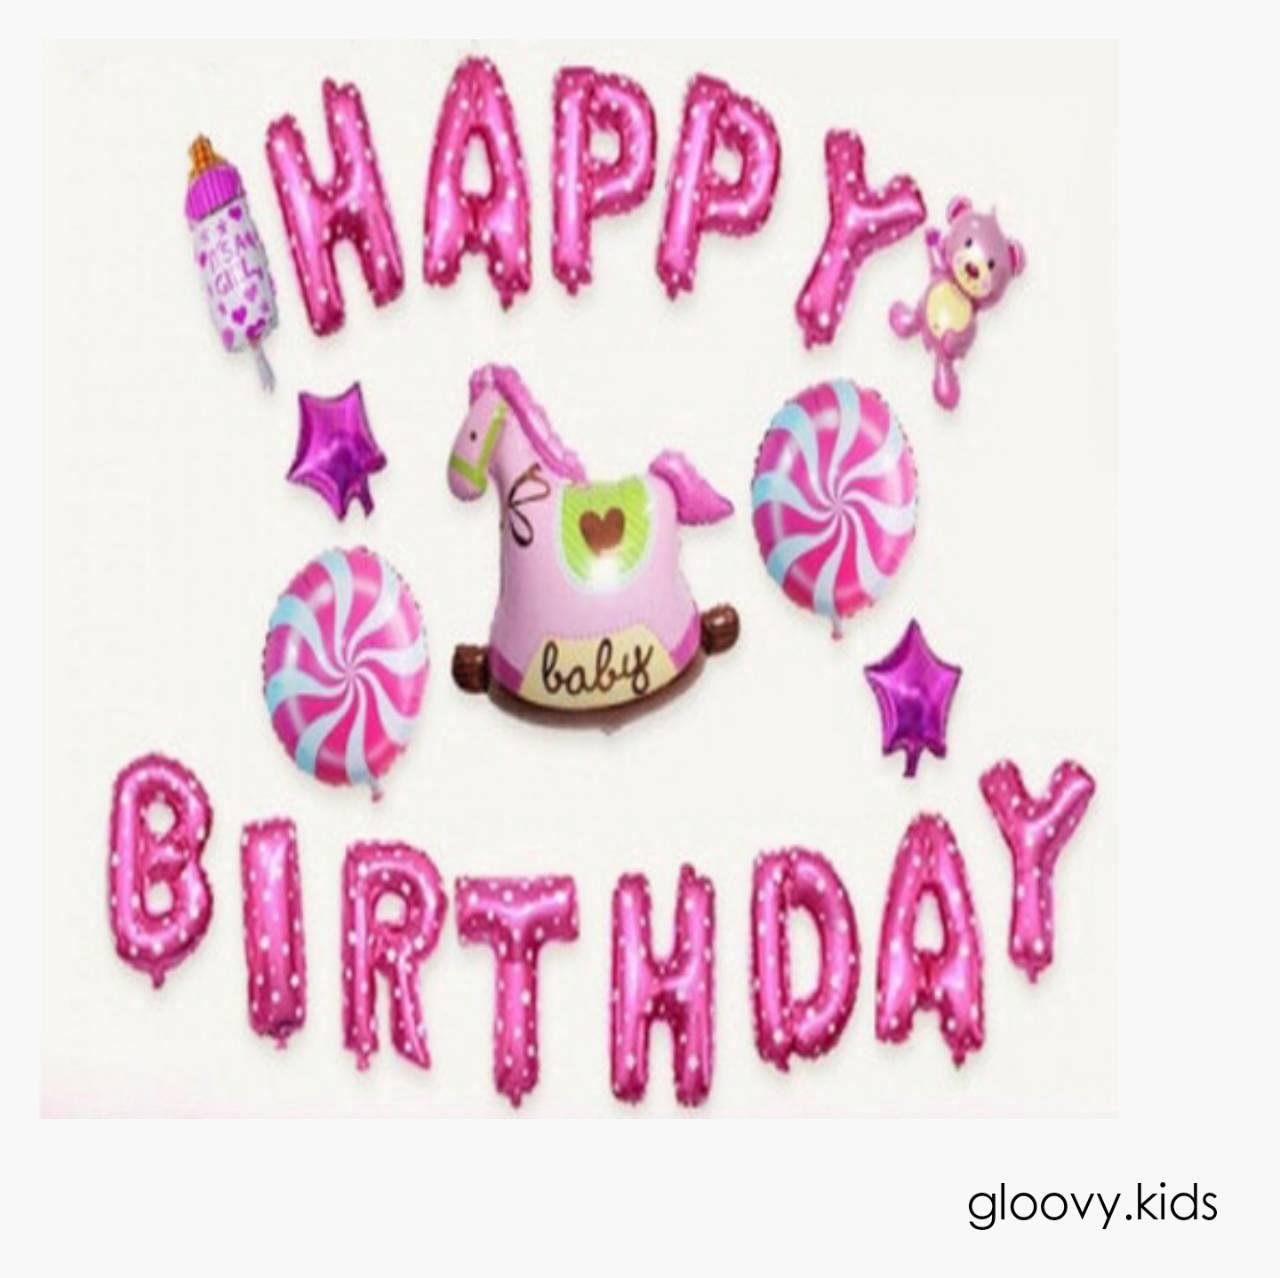 ♡お子様のお誕生日の演出に♡可愛さ溢れるバルーン20点セット♡